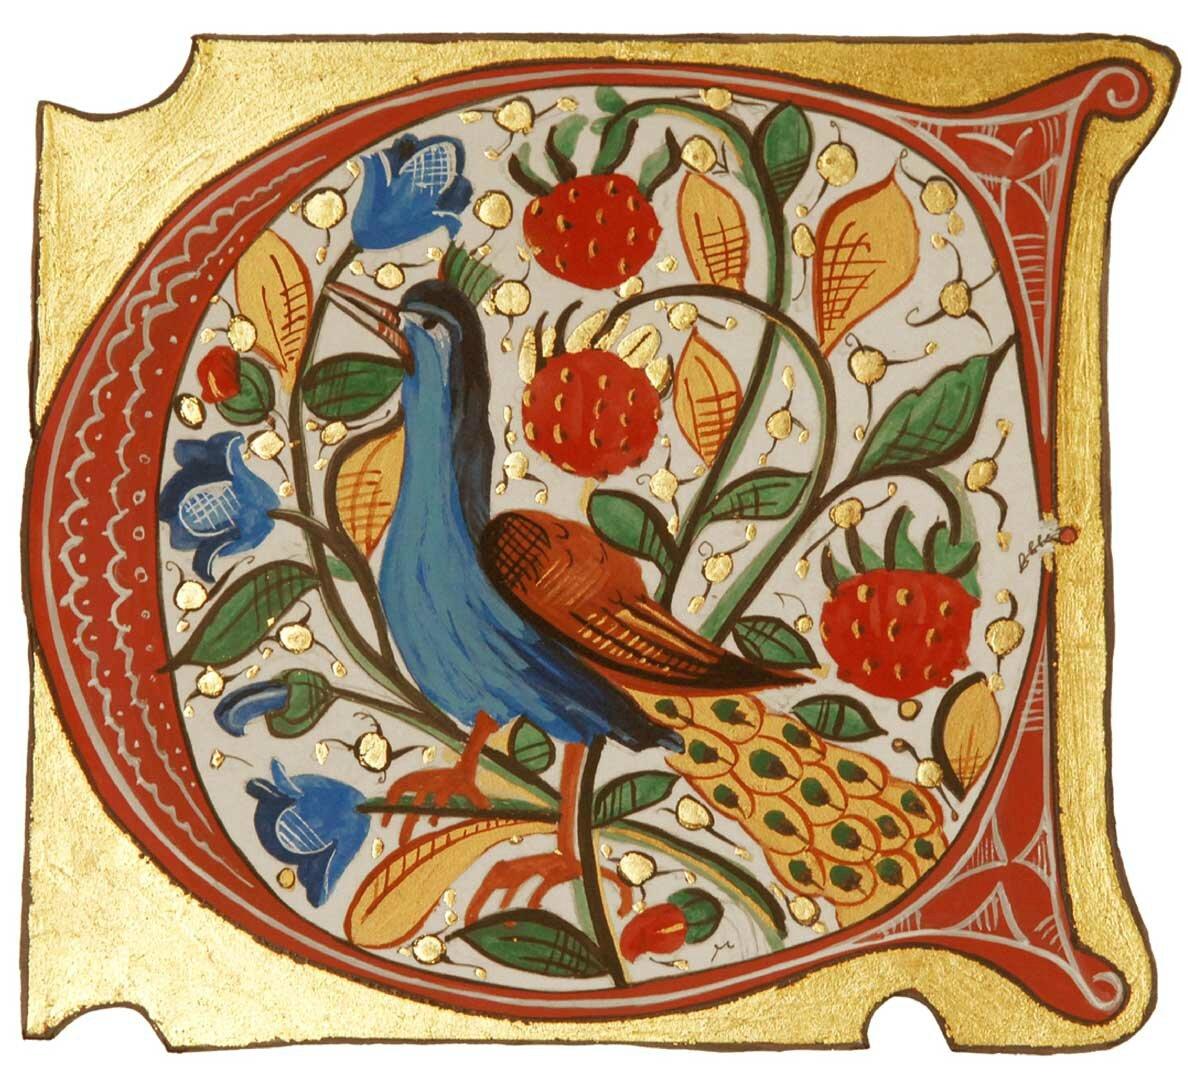 La tapisserie de bayeux est une oeuvre incontournable du - Qu est ce que la tapisserie de bayeux ...